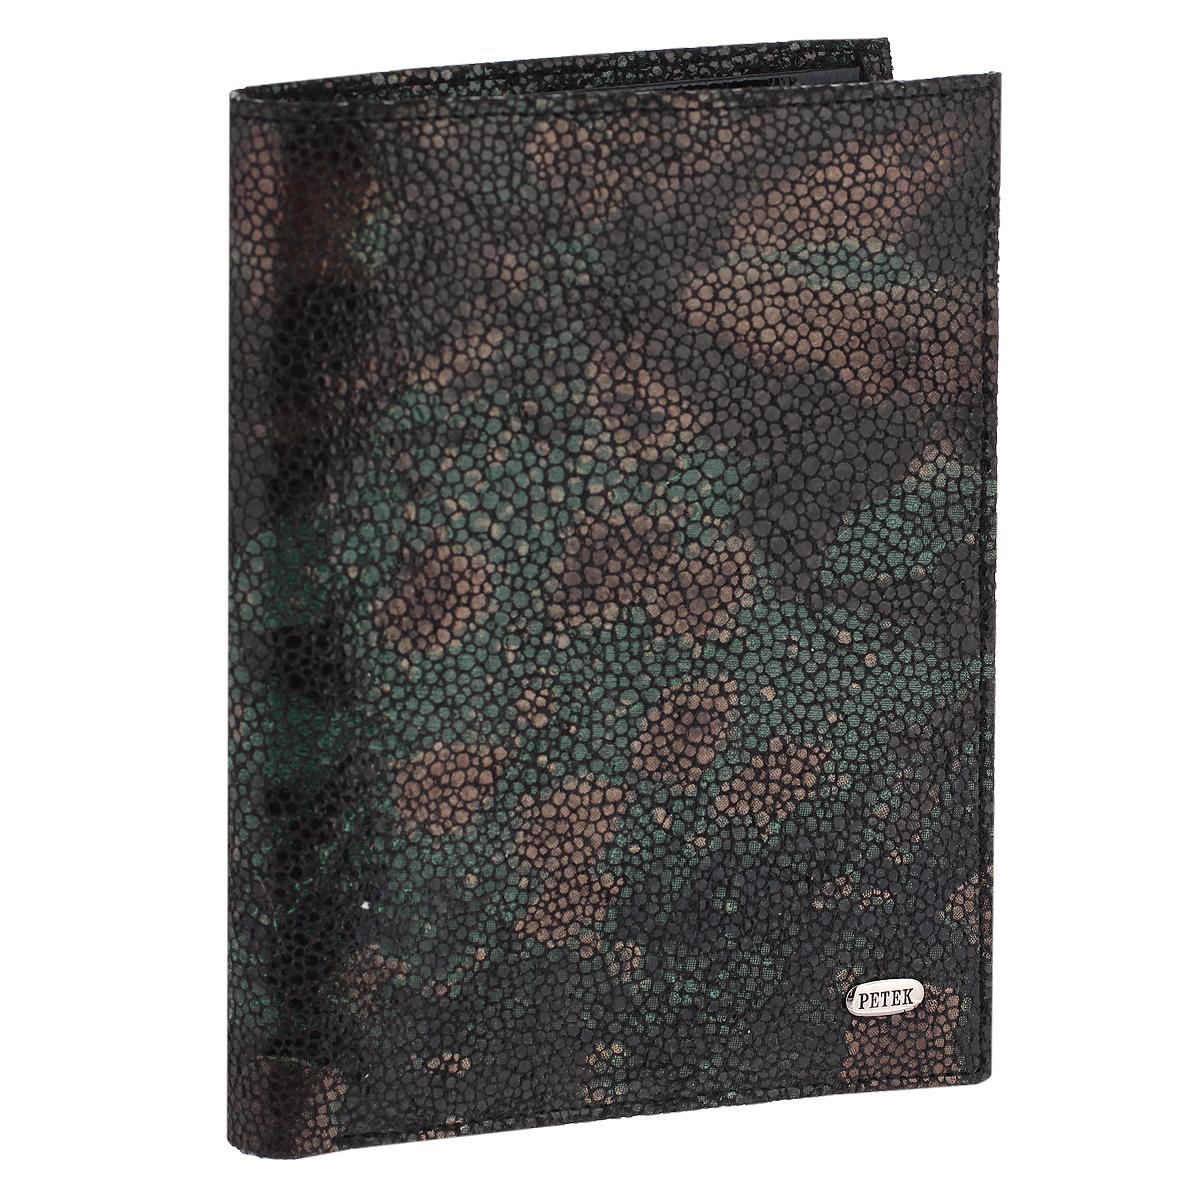 Обложка для паспорта и портмоне Petek, цвет: темно-зеленый. 597.137.09597.137.09 GreenПортмоне Petek станет стильным аксессуаром, идеально подходящим вашему образу. Внутри предусмотрено отделение для паспорта, которое поможет сохранить внешний вид ваших документов и защитить их от повреждений. На внутреннем развороте имеются два отделения для купюр, два вертикальных кармана для бумаг, пять кармашков для пластиковых карт и карман с сетчатой вставкой. Качественный и функциональный аксессуар из натуральной кожи станет замечательным подарком человеку, ценящему качественные и практичные вещи. Изделие упаковано в фирменную коробку коричневого цвета с логотипом фирмы Petek.